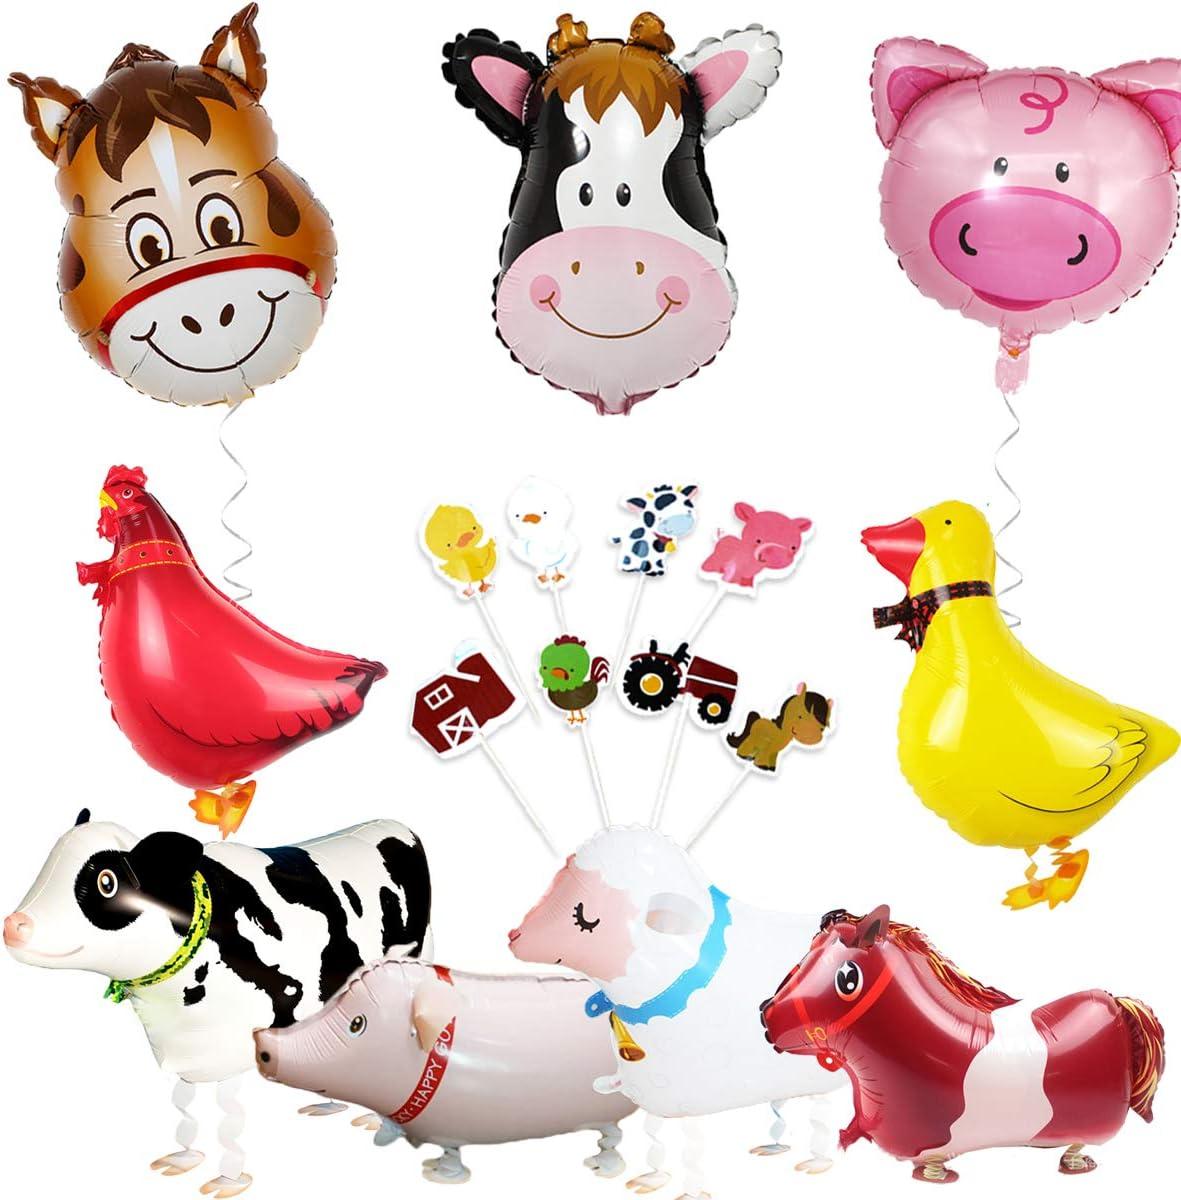 Decoraciones de animales de granja Decoraciones de fiesta de corral Globos y adorno de cupcake (pollo pato vaca oveja burro cerdo)